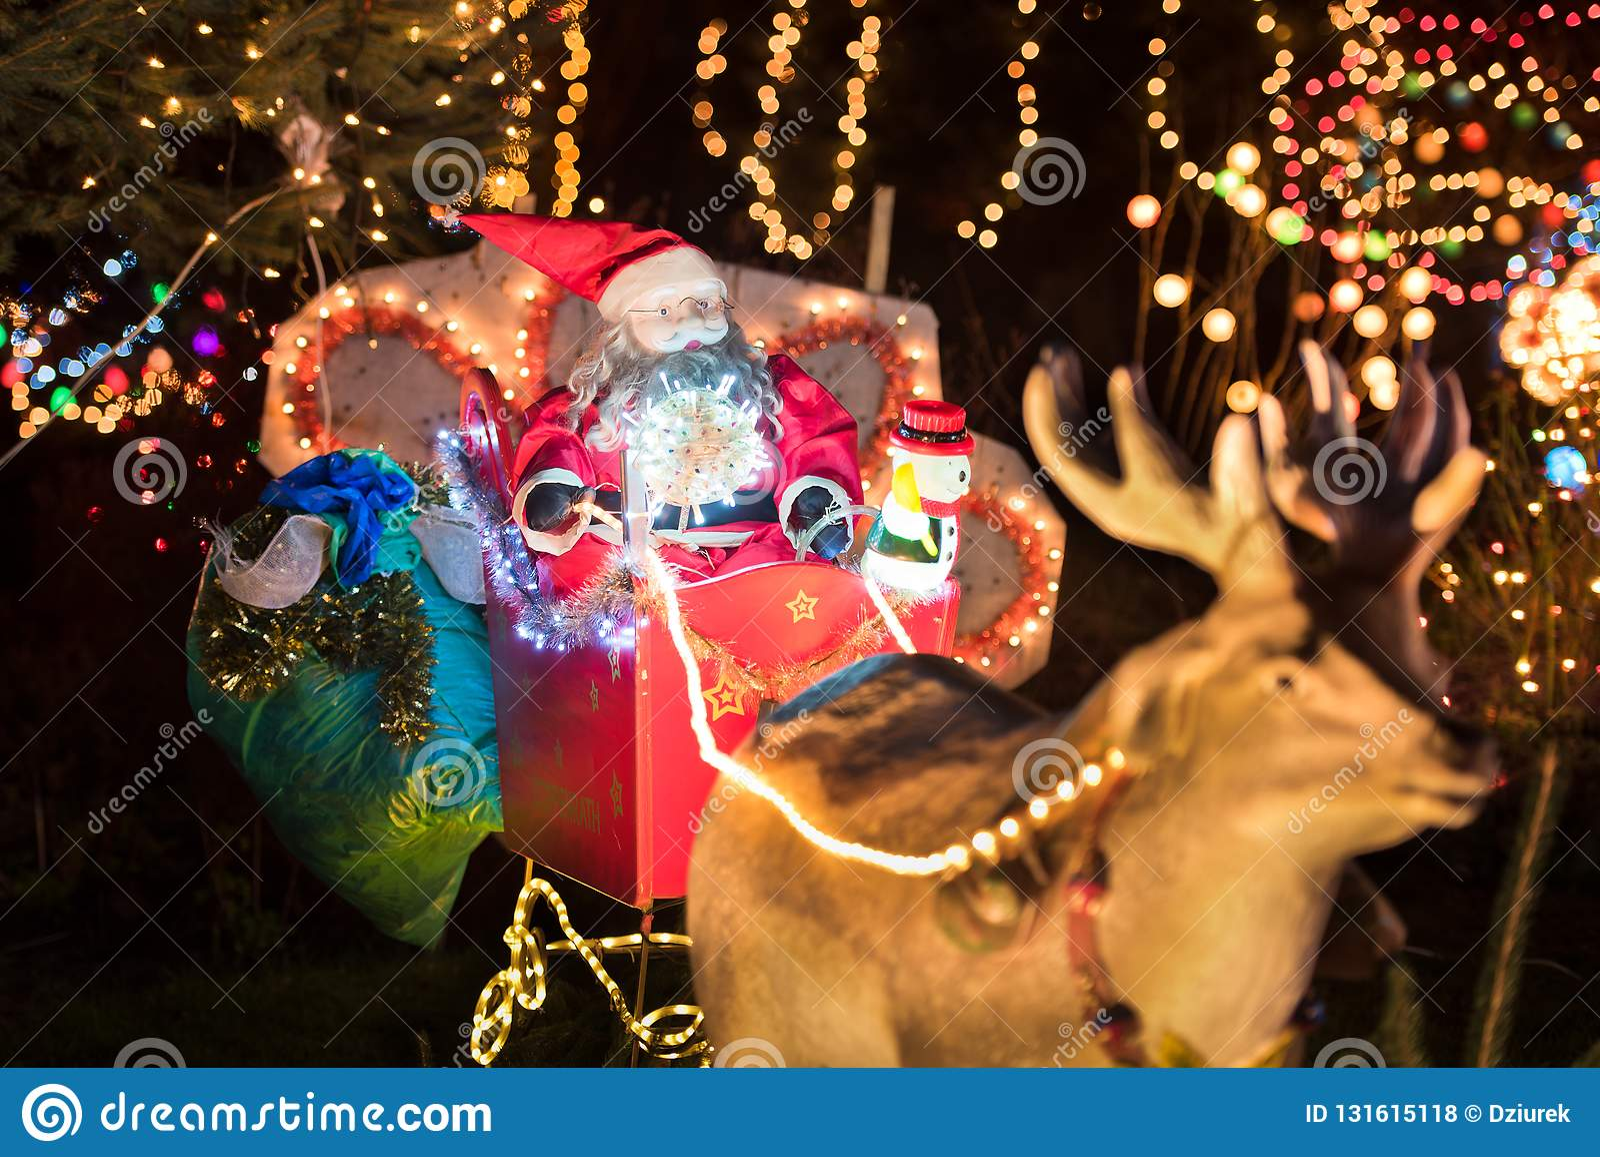 Deco De Noel Dans Le Jardin décoration de noël dans le jardin photo stock - image du